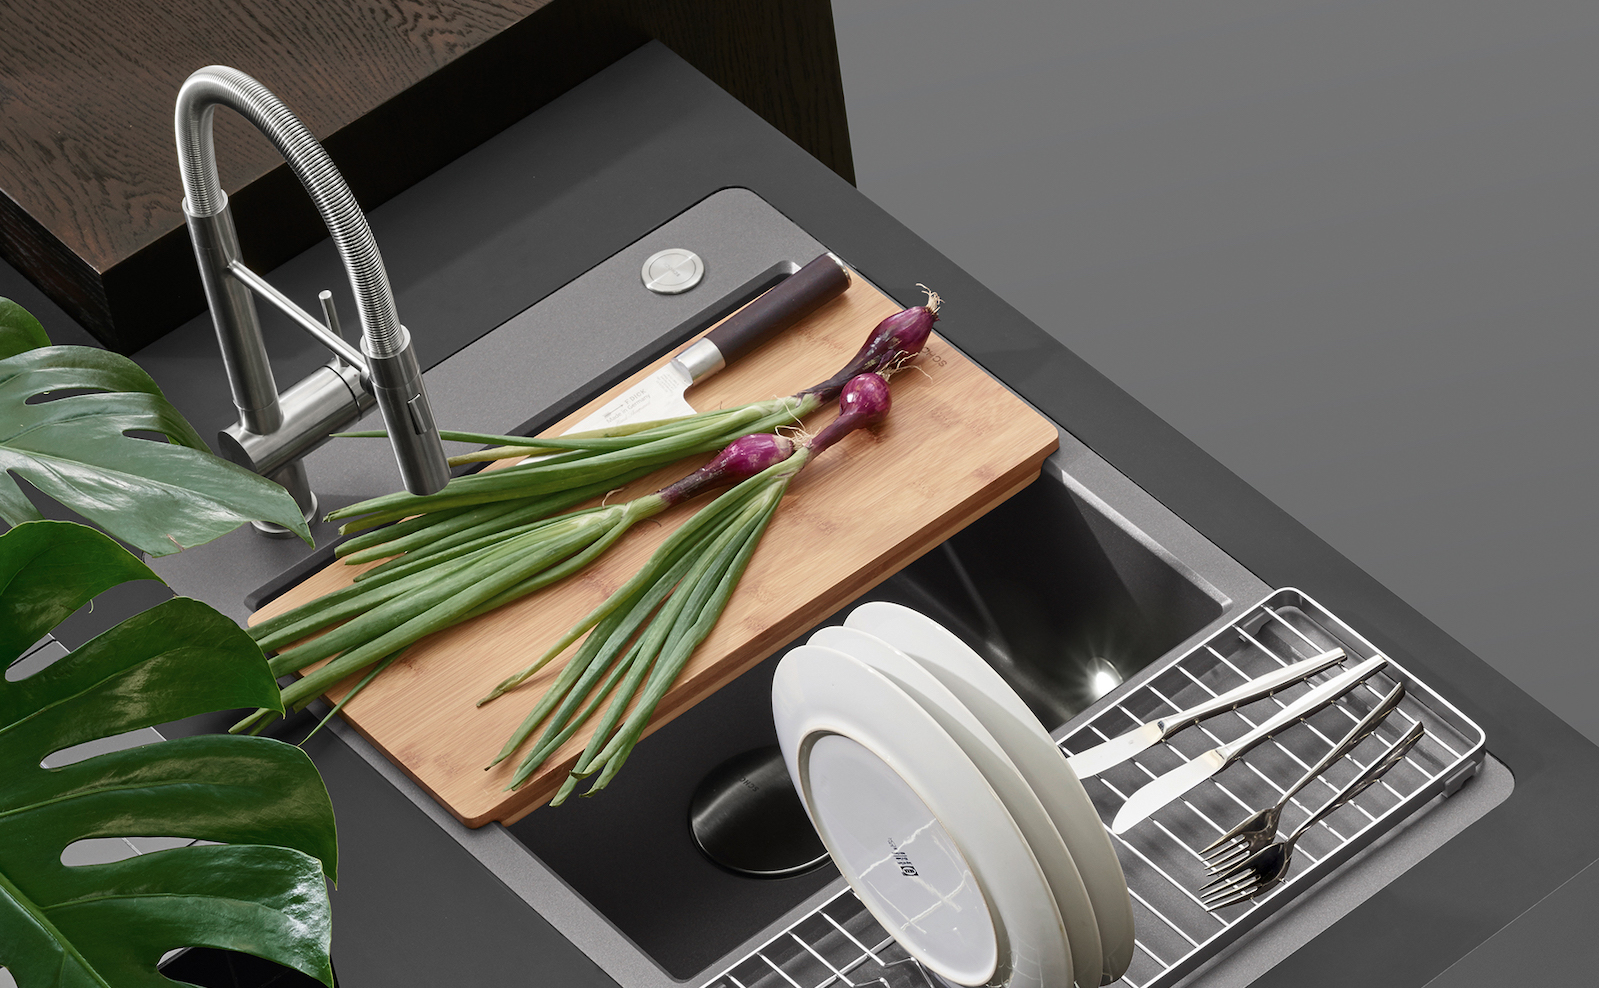 Küchenarmaturen in allen Farben und Formen: SCHOCK präsentiert für jedes Küchen-Design die passende Armatur